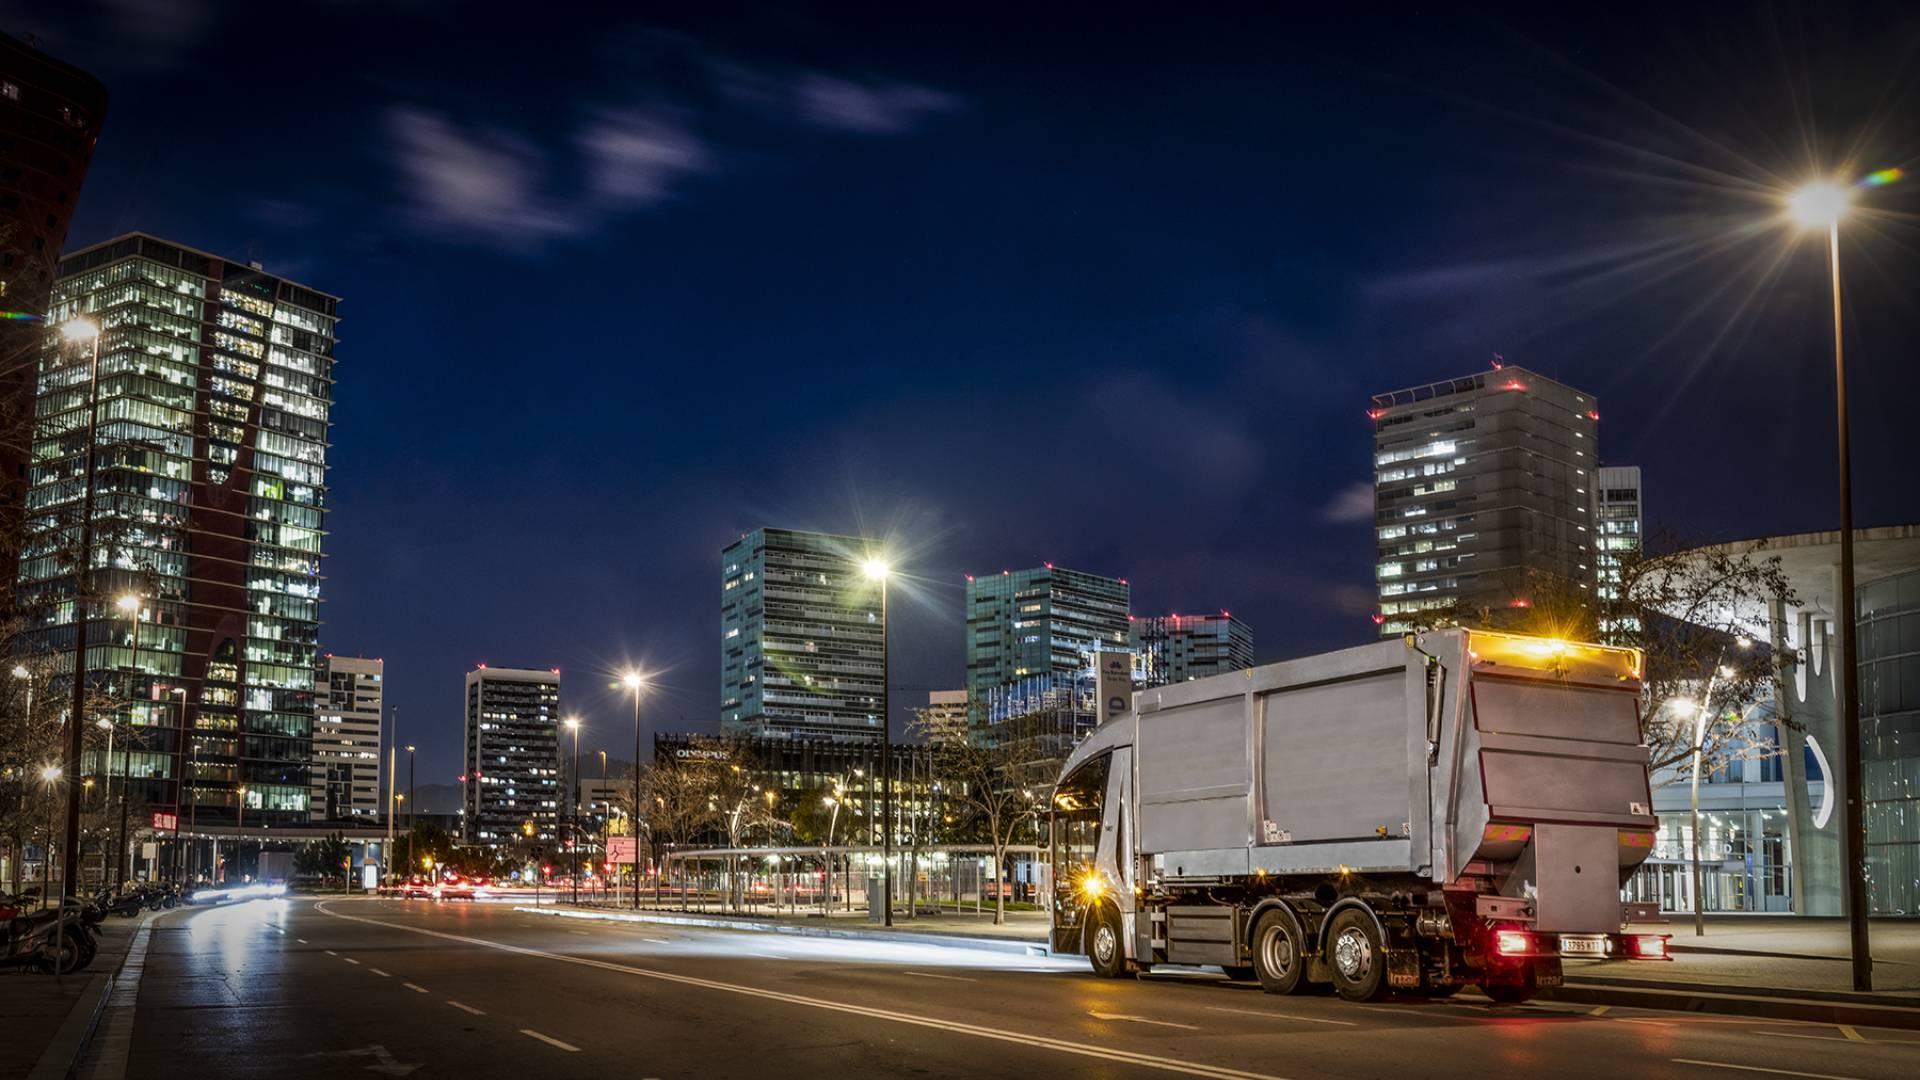 El Irizar ie truck, Vehículo Industrial Ecológico del Año 2021 en España